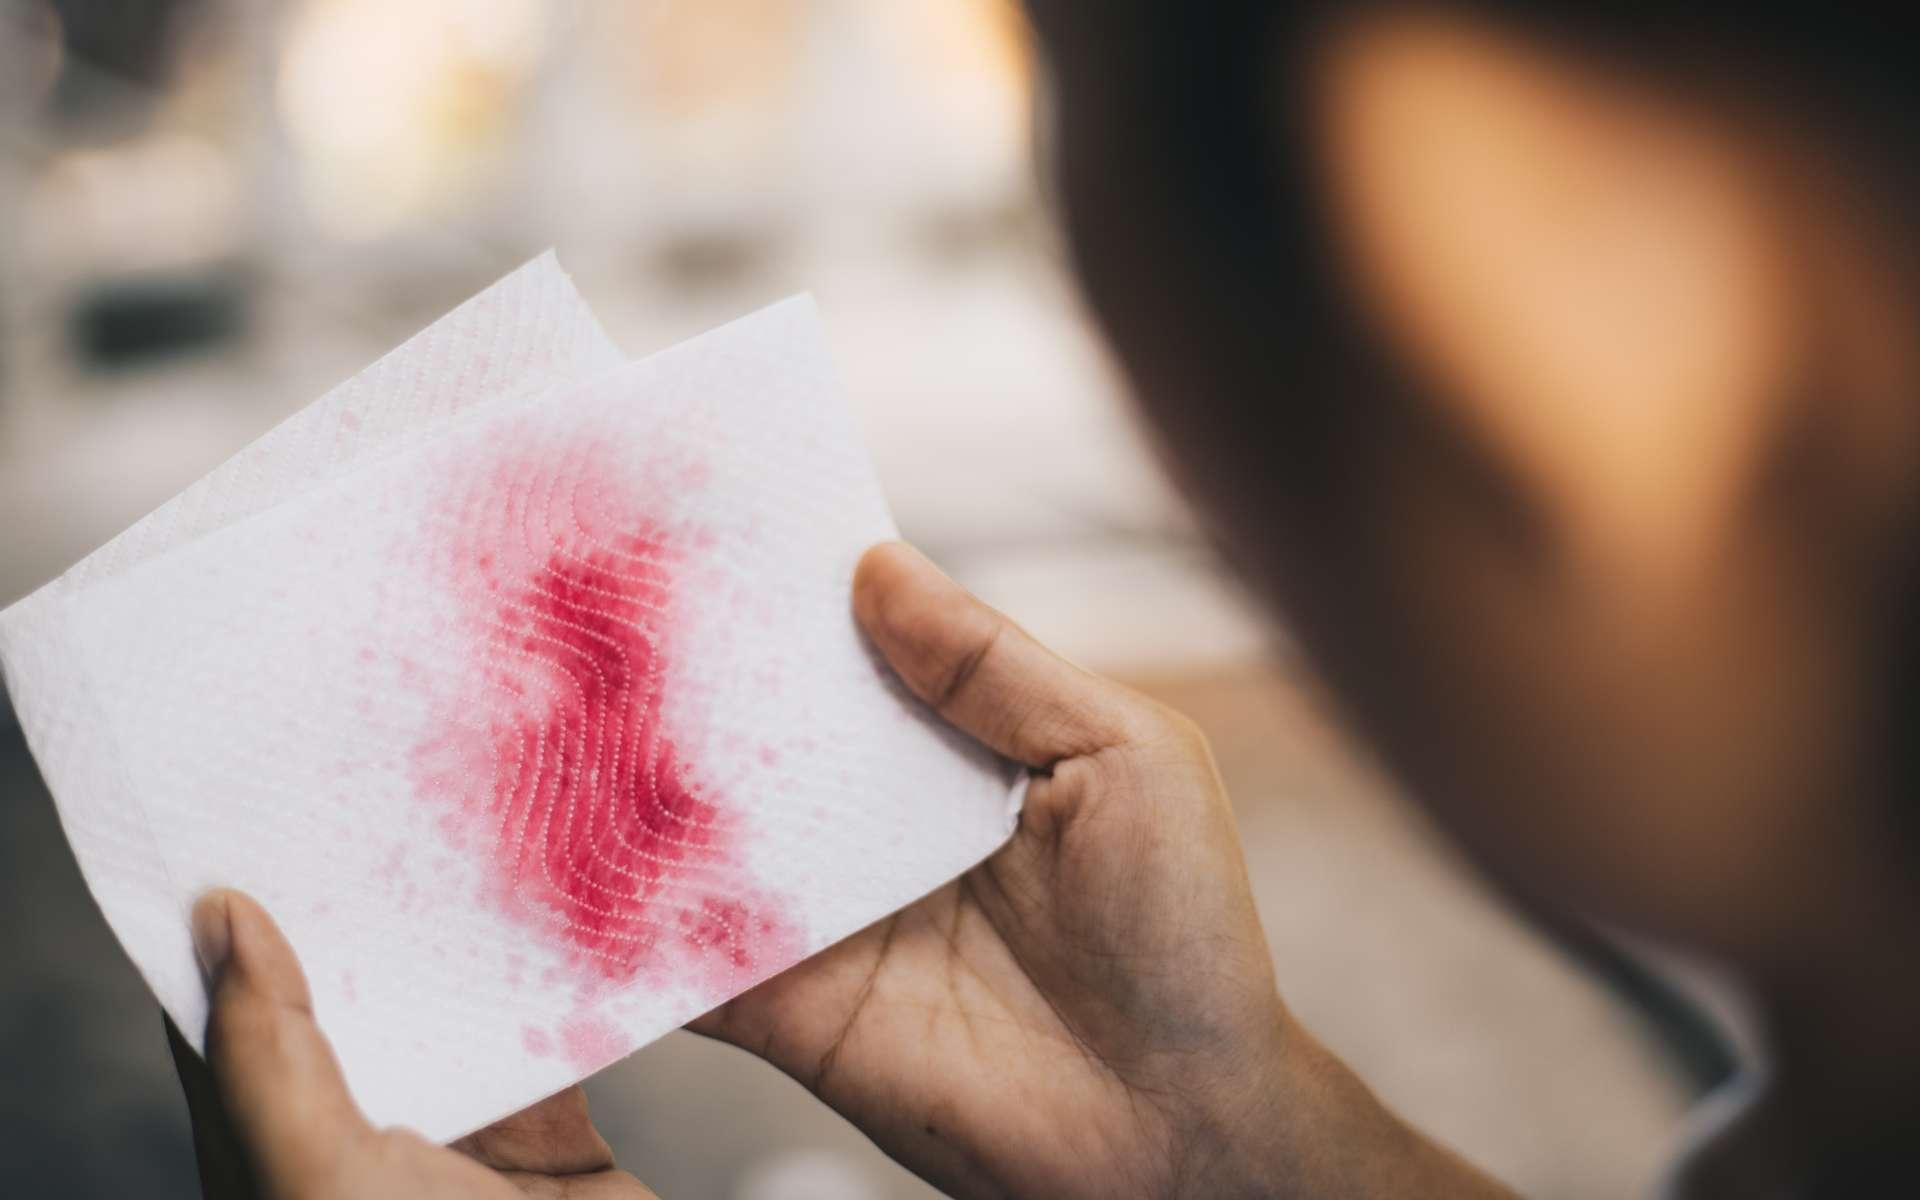 L'hémoptysie est une expectoration de sang par la bouche. © Anut21ng Photo, Adobe Stock